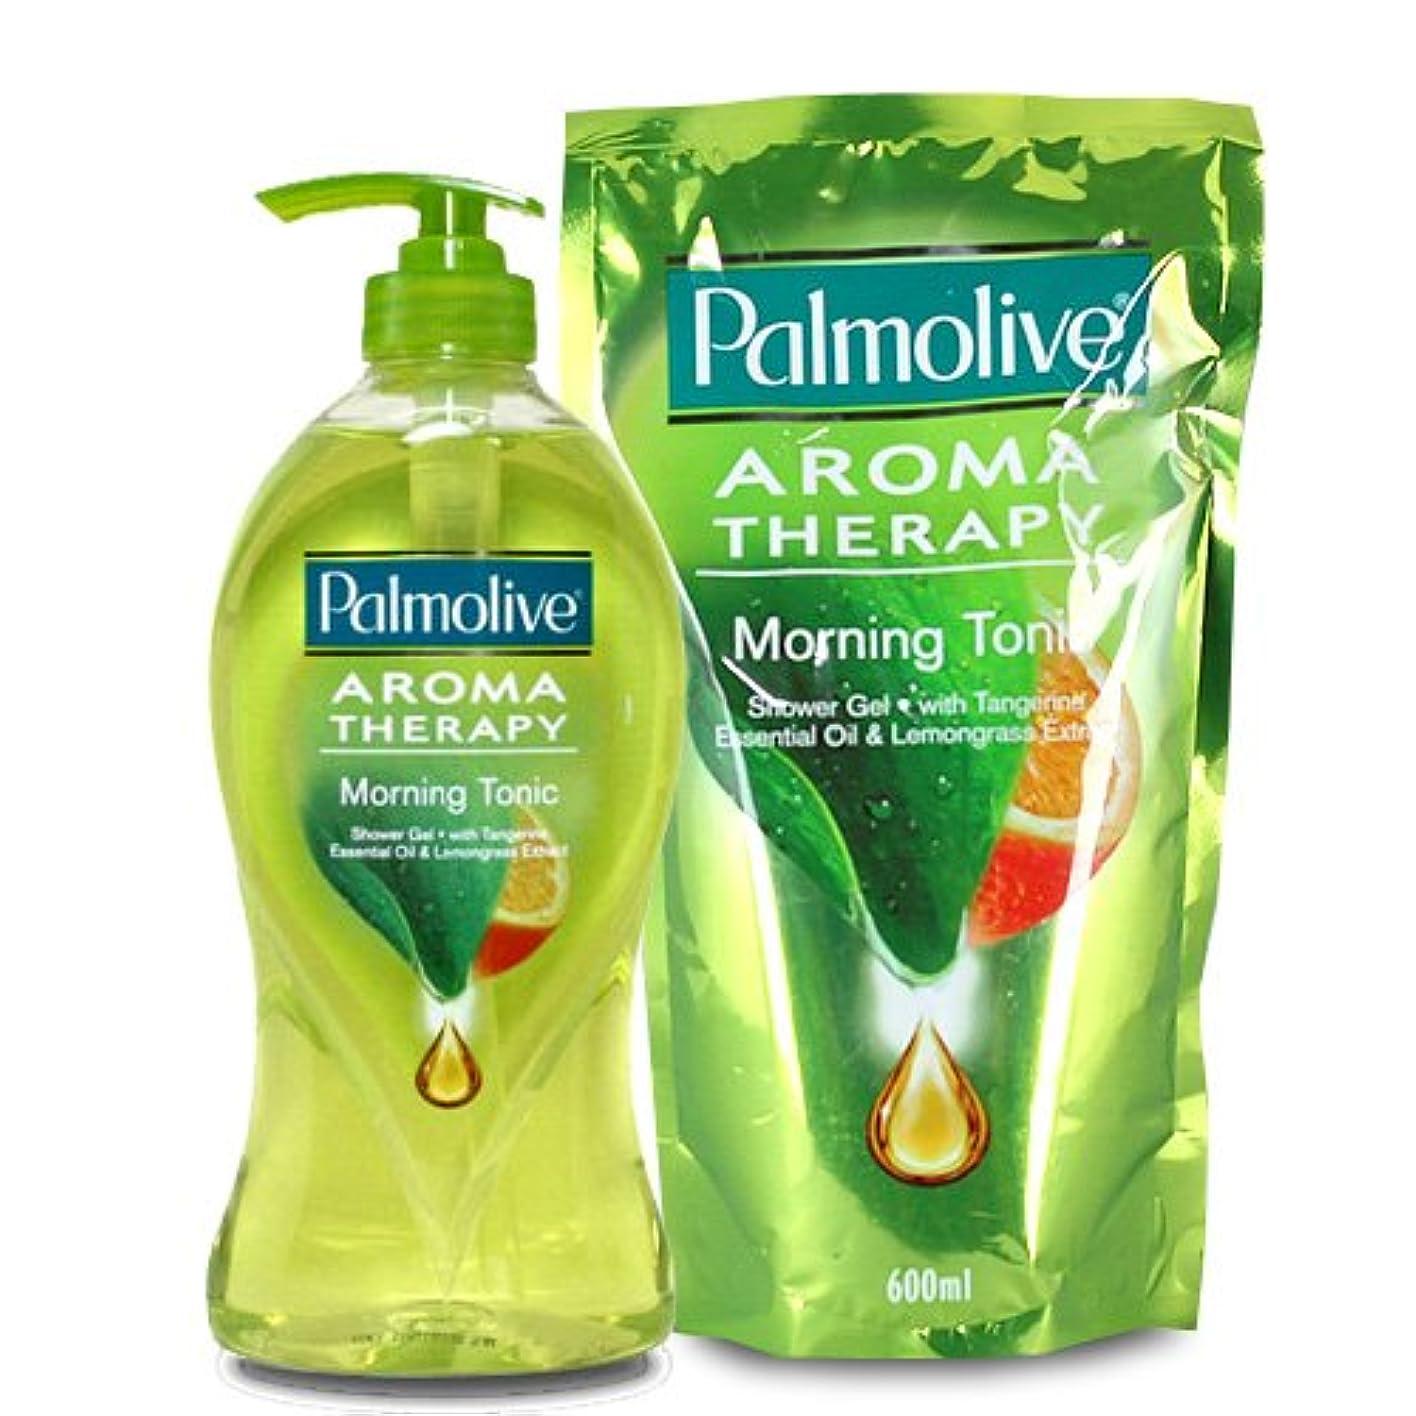 オデュッセウス一部人生を作る【Palmolive】パルモリーブ アロマセラピーシャワージェル ボトルと詰め替えのセット (モーニングトニック)